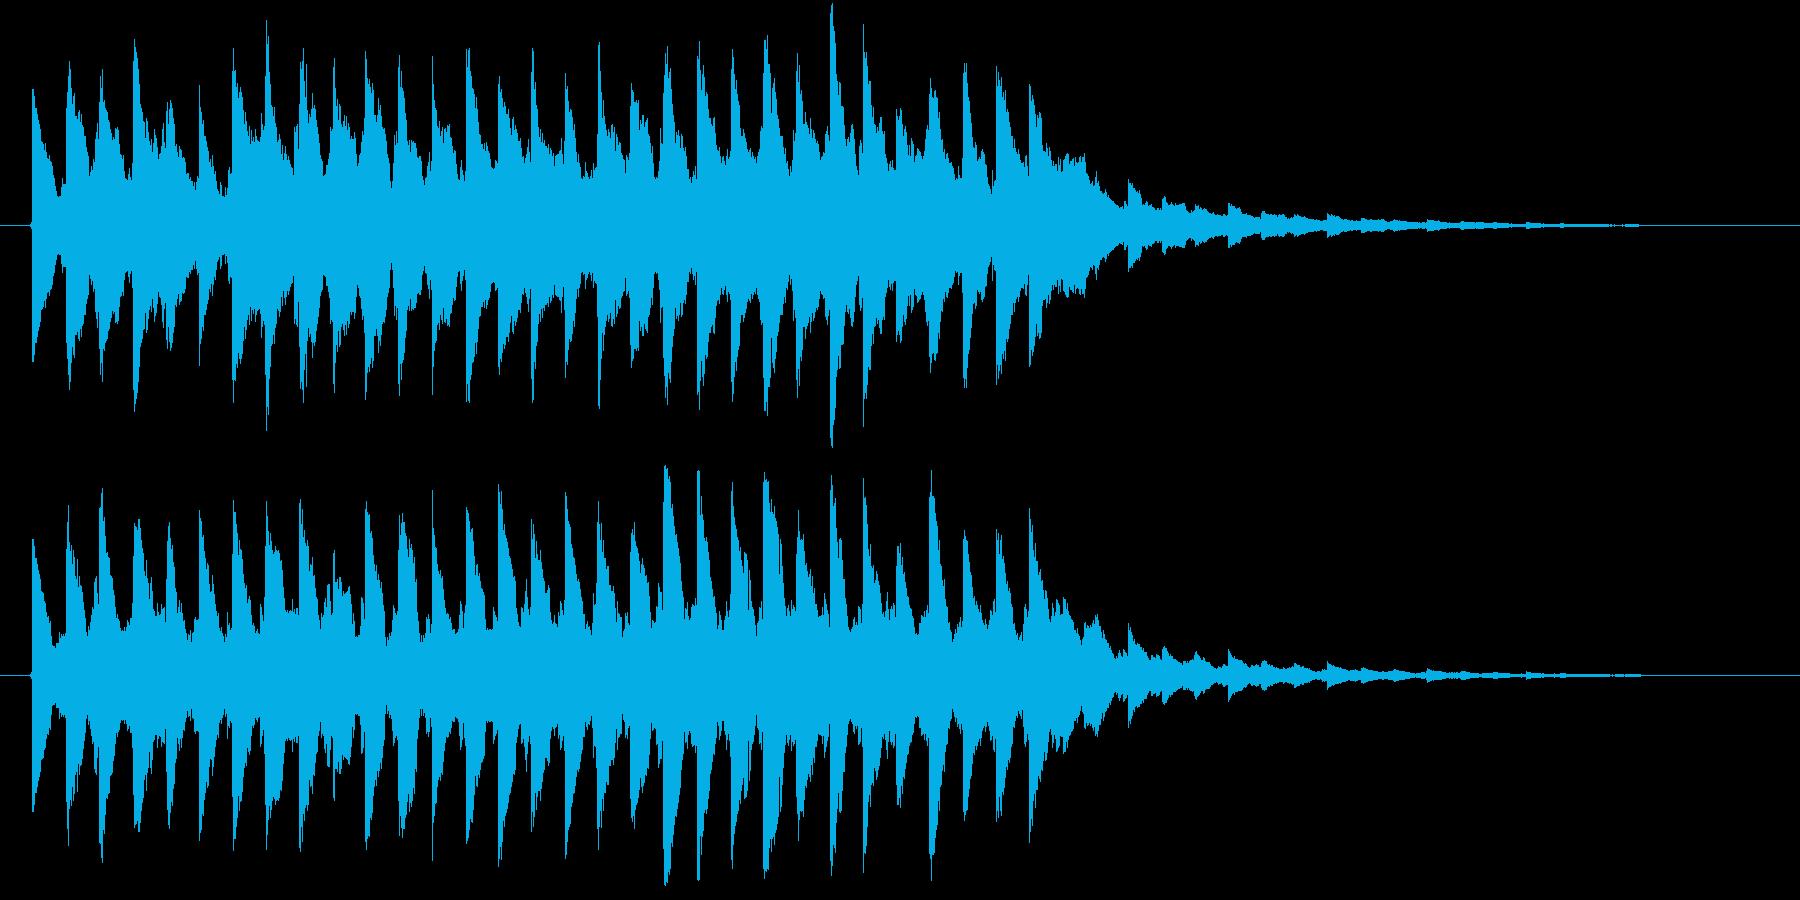 電子系ジングルの再生済みの波形